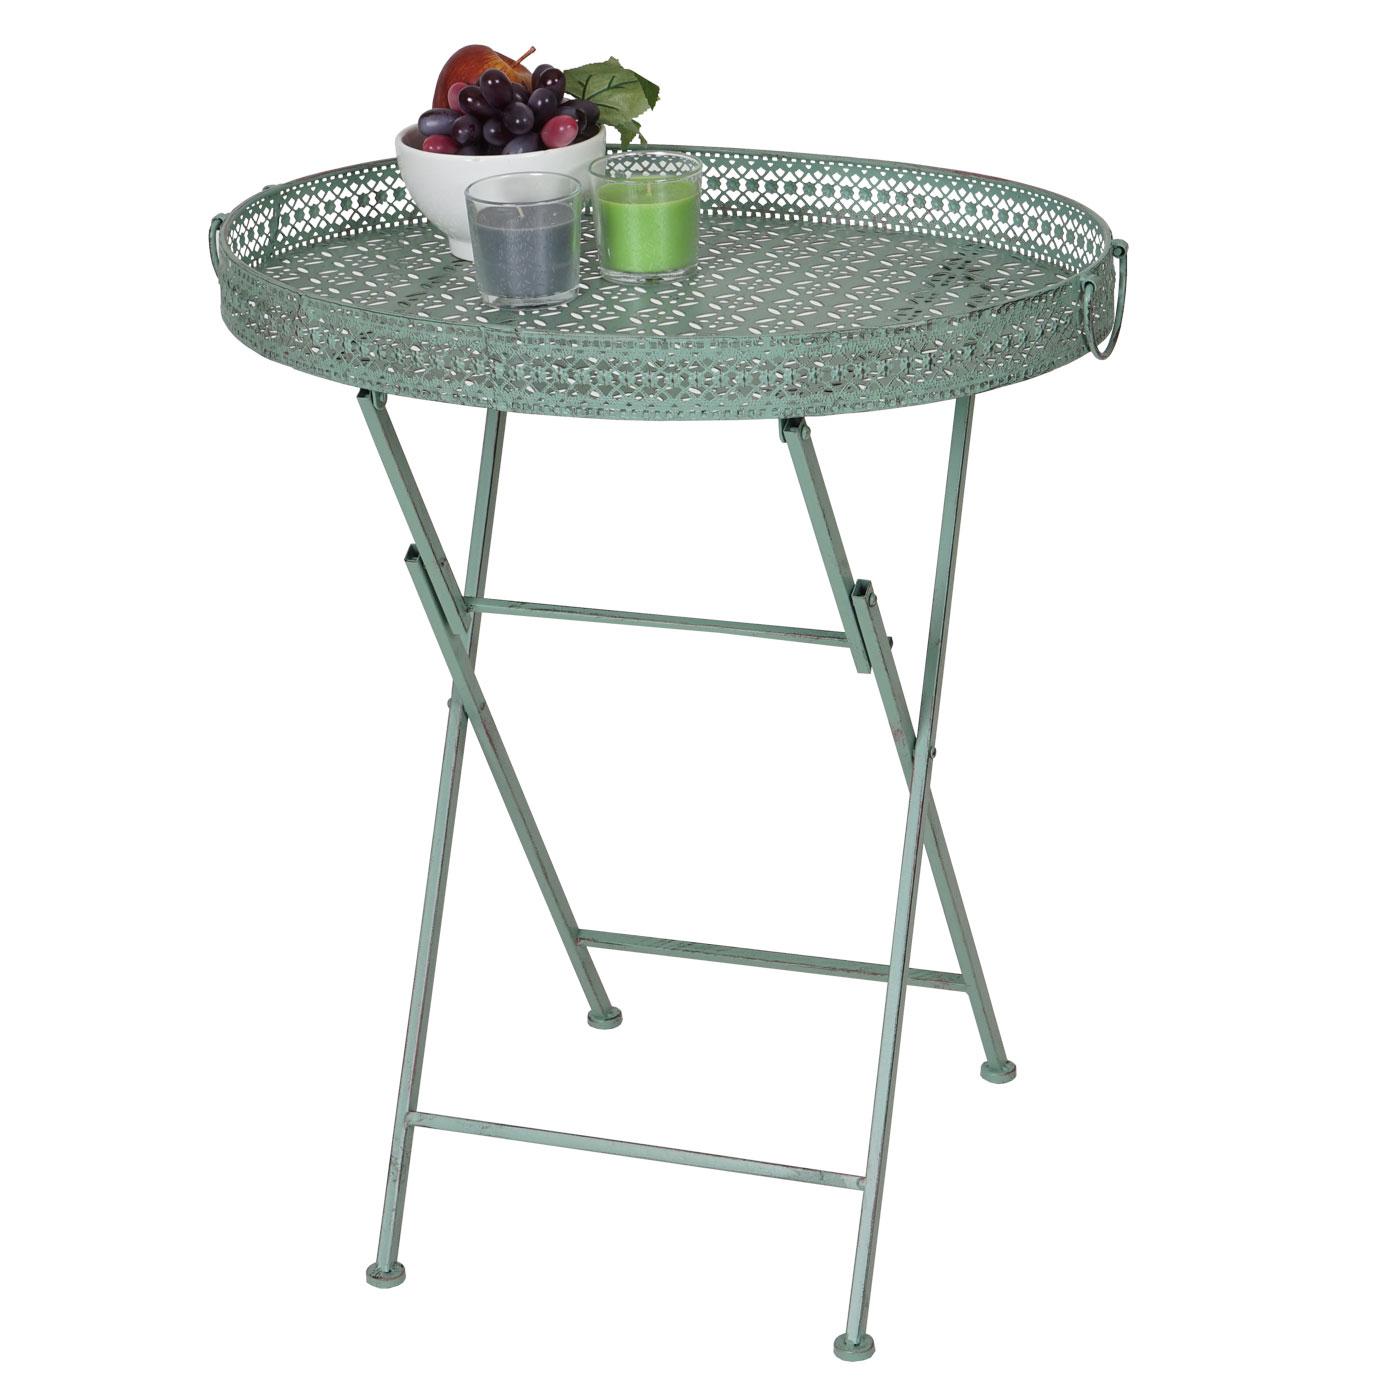 Antiker Gartentisch Gartentisch Tisch Garten Bistrotisch Eisen